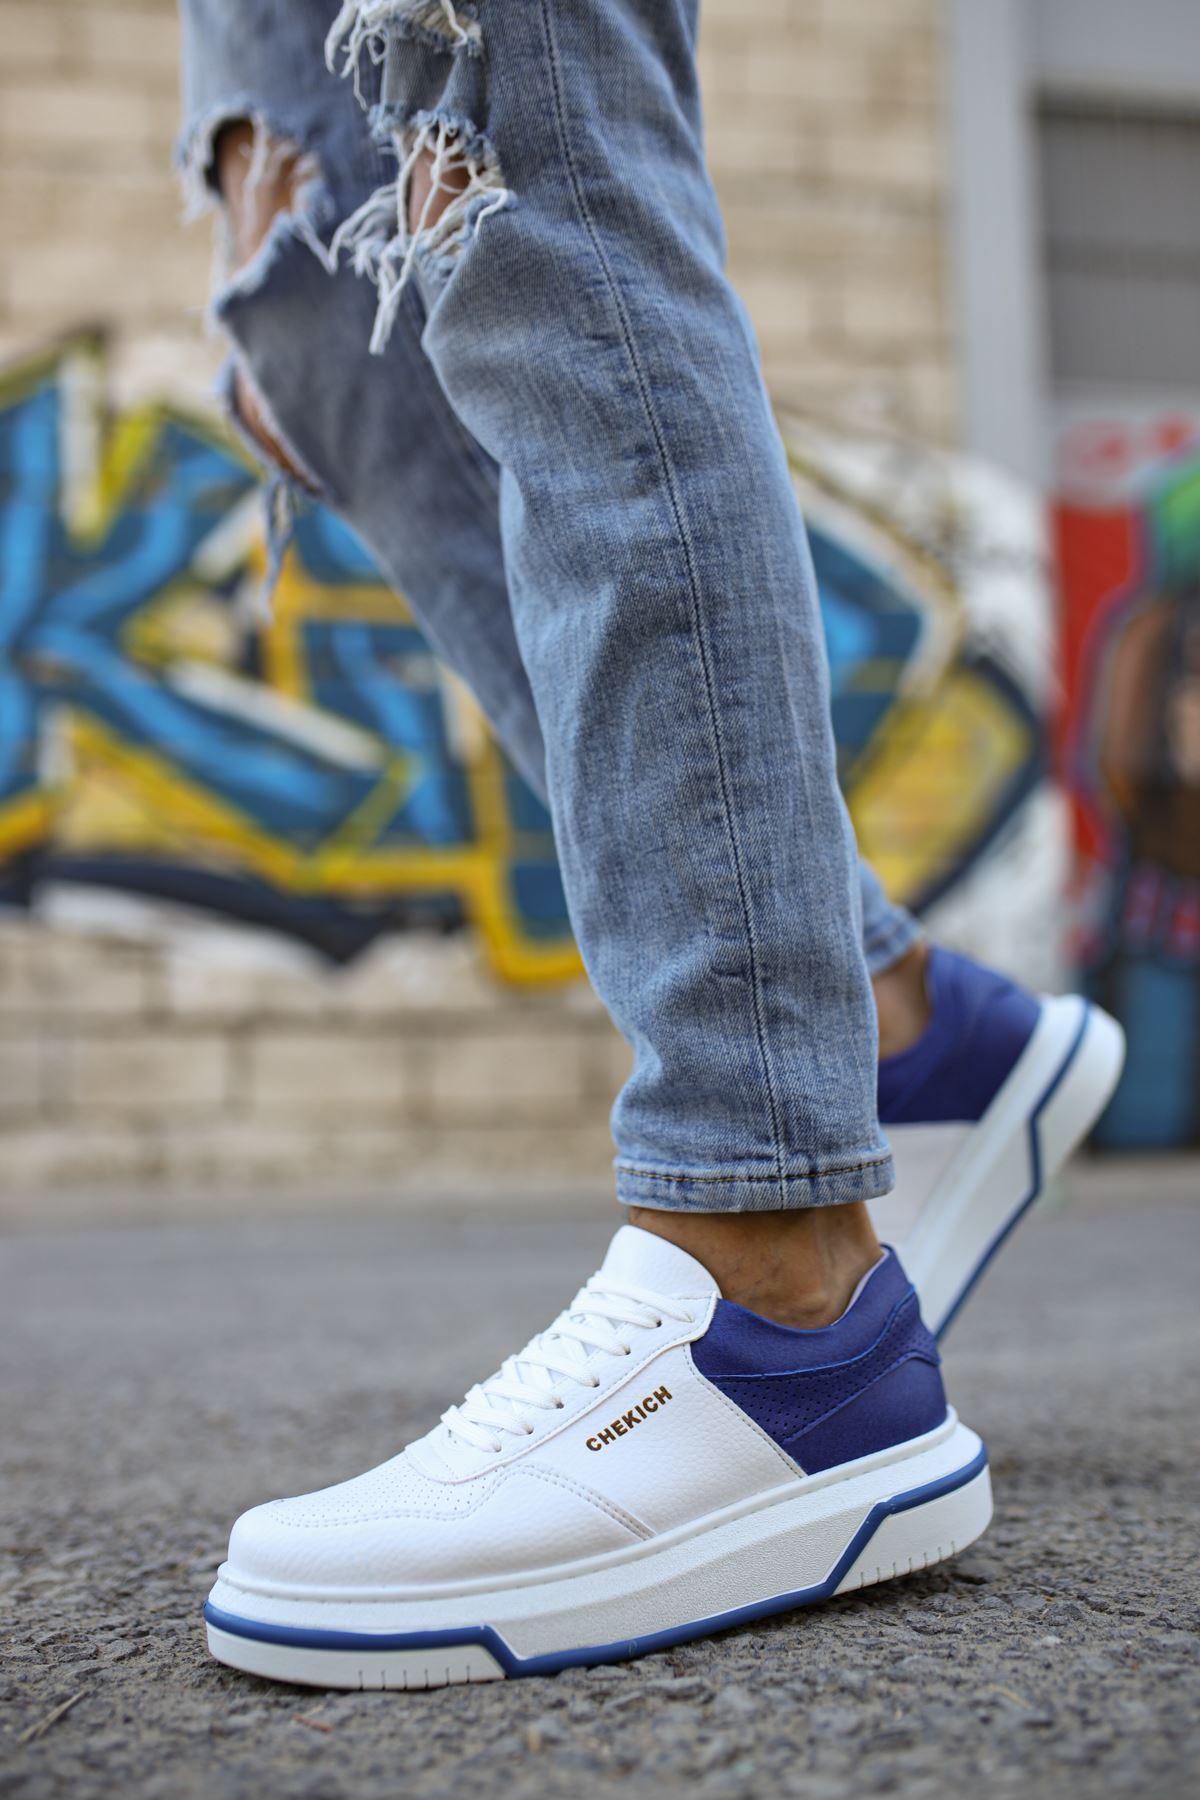 Chekich CH075 İpekyol Beyaz Taban Erkek Ayakkabı BEYAZ / SAX MAVİ